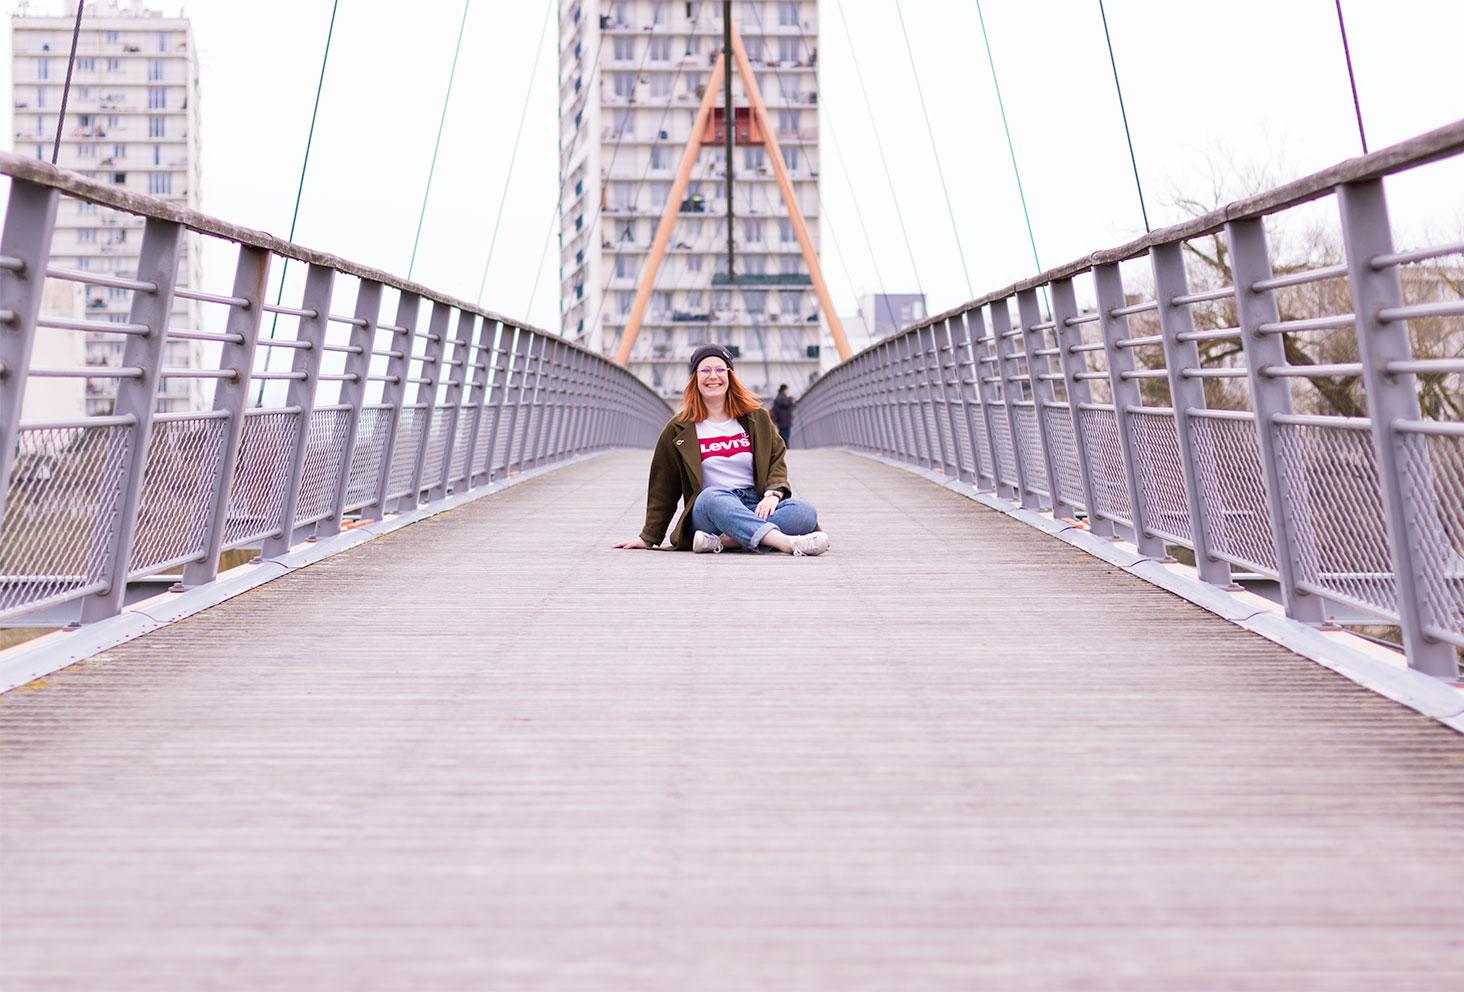 Assise sur un pont suspendu en bois et en métal en street style